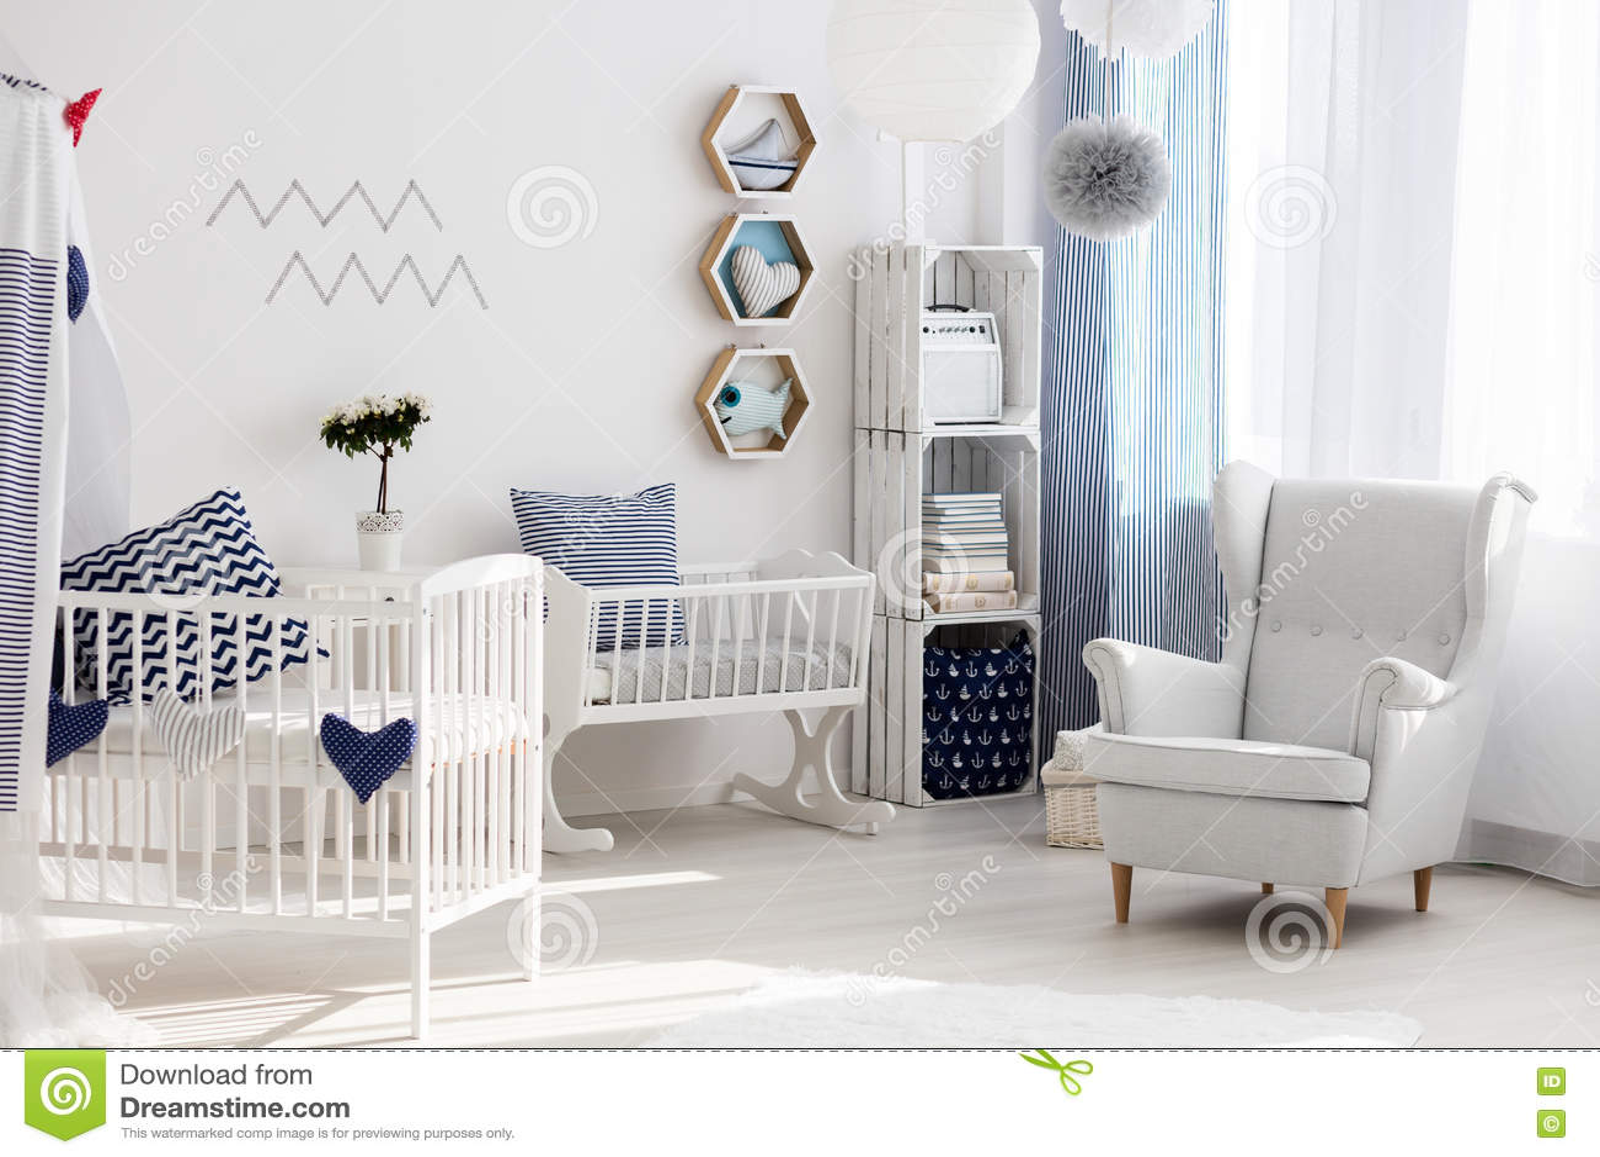 Kinderdagverblijf met witte stoel en wieg